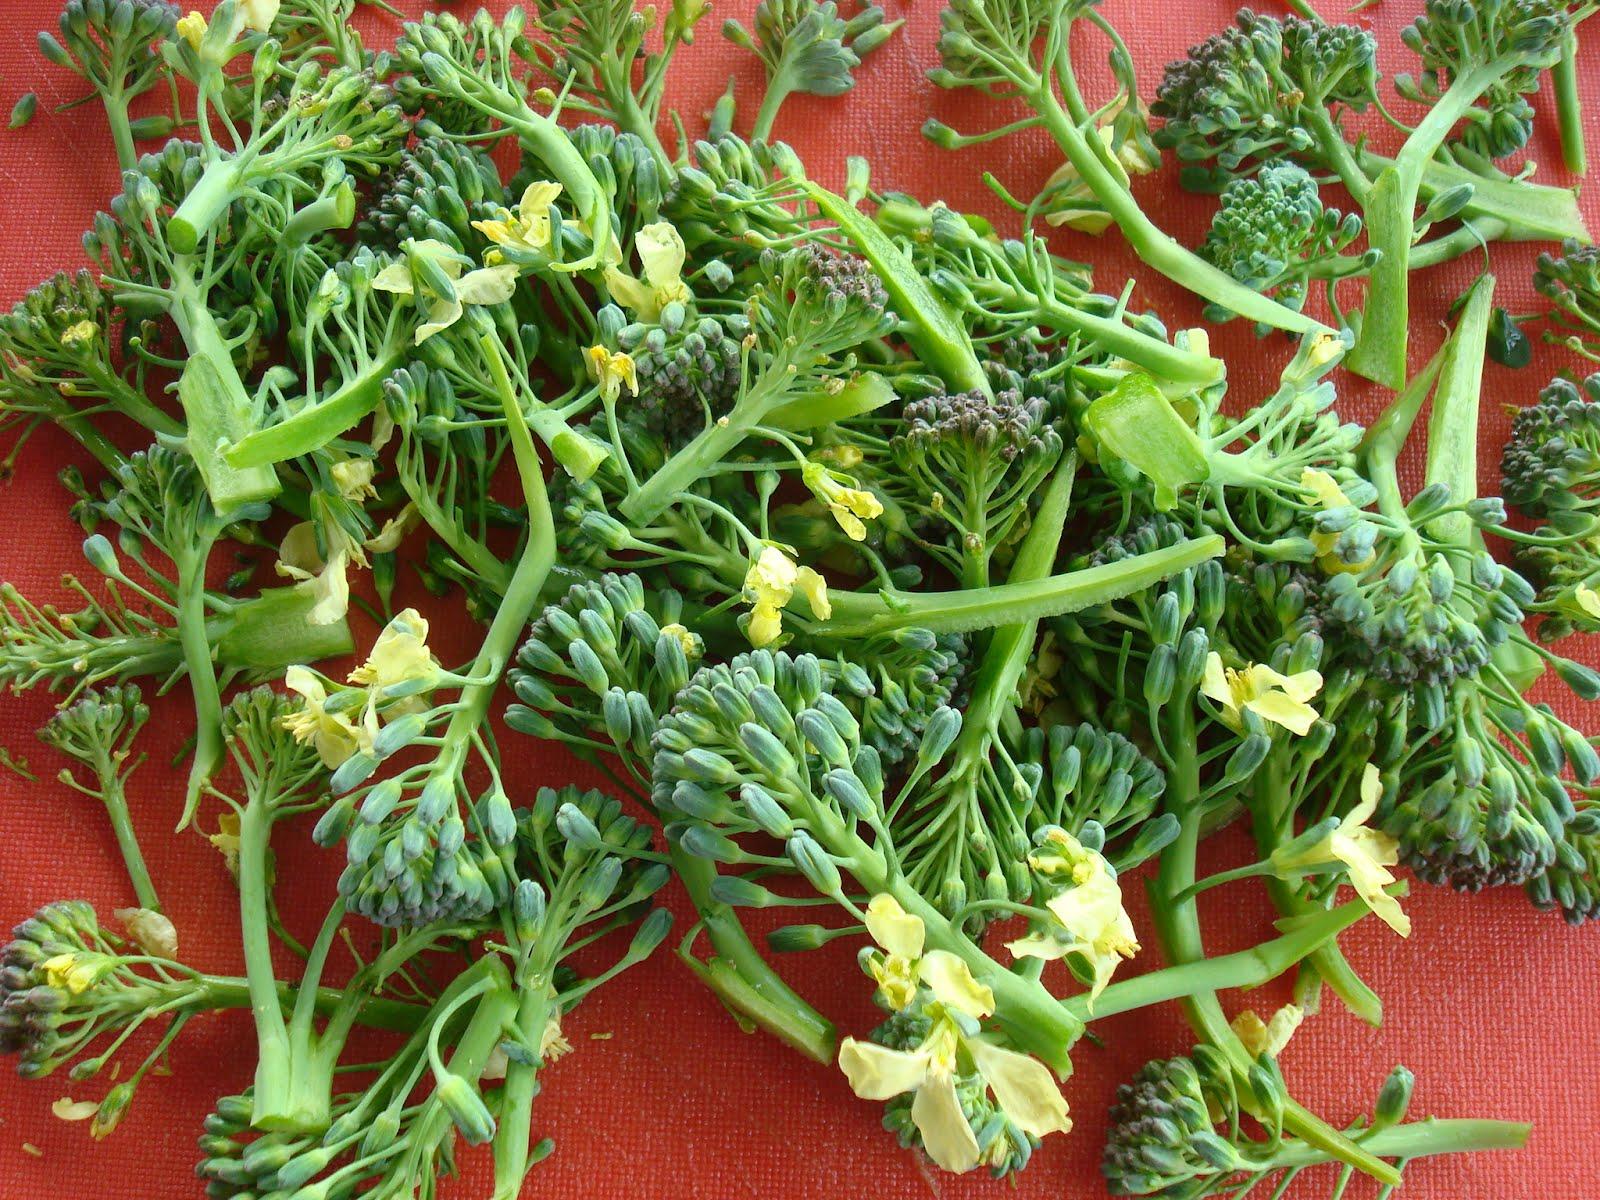 Black Dragon Tea Bar Broccoli